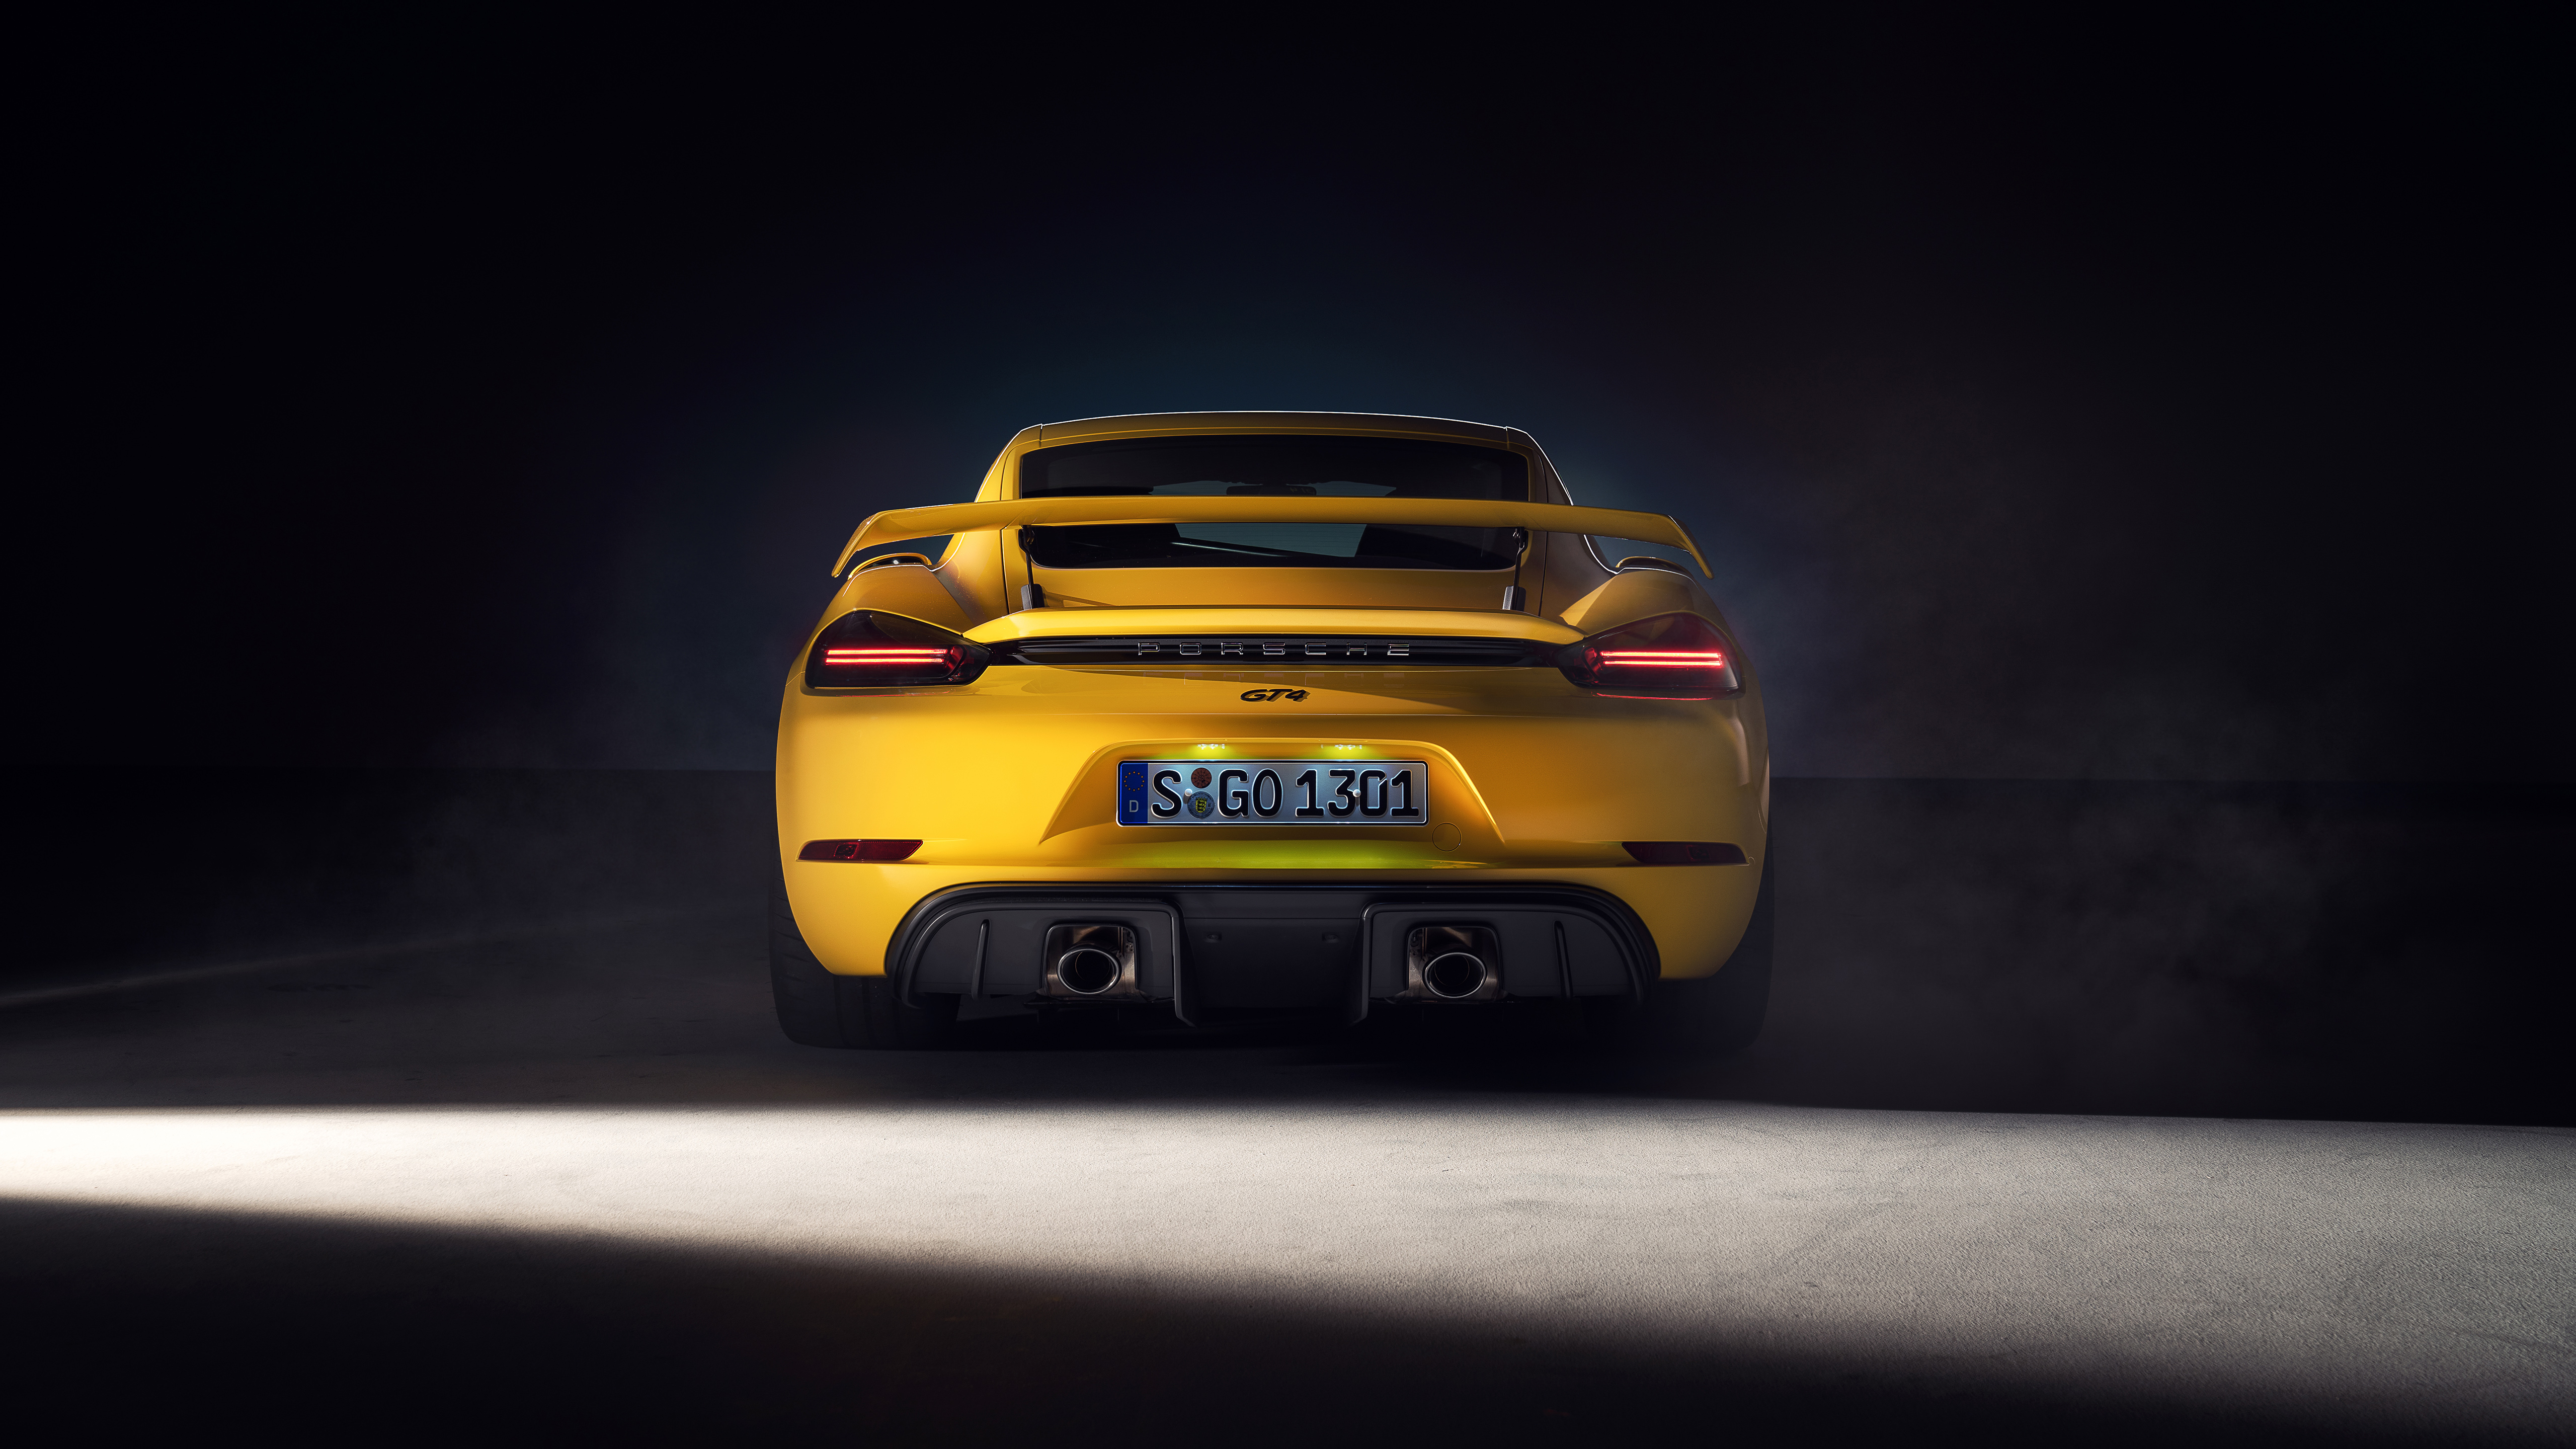 Porsche 718 Cayman Gt4 2019 4k 4 Wallpaper Hd Car Wallpapers Id 12764